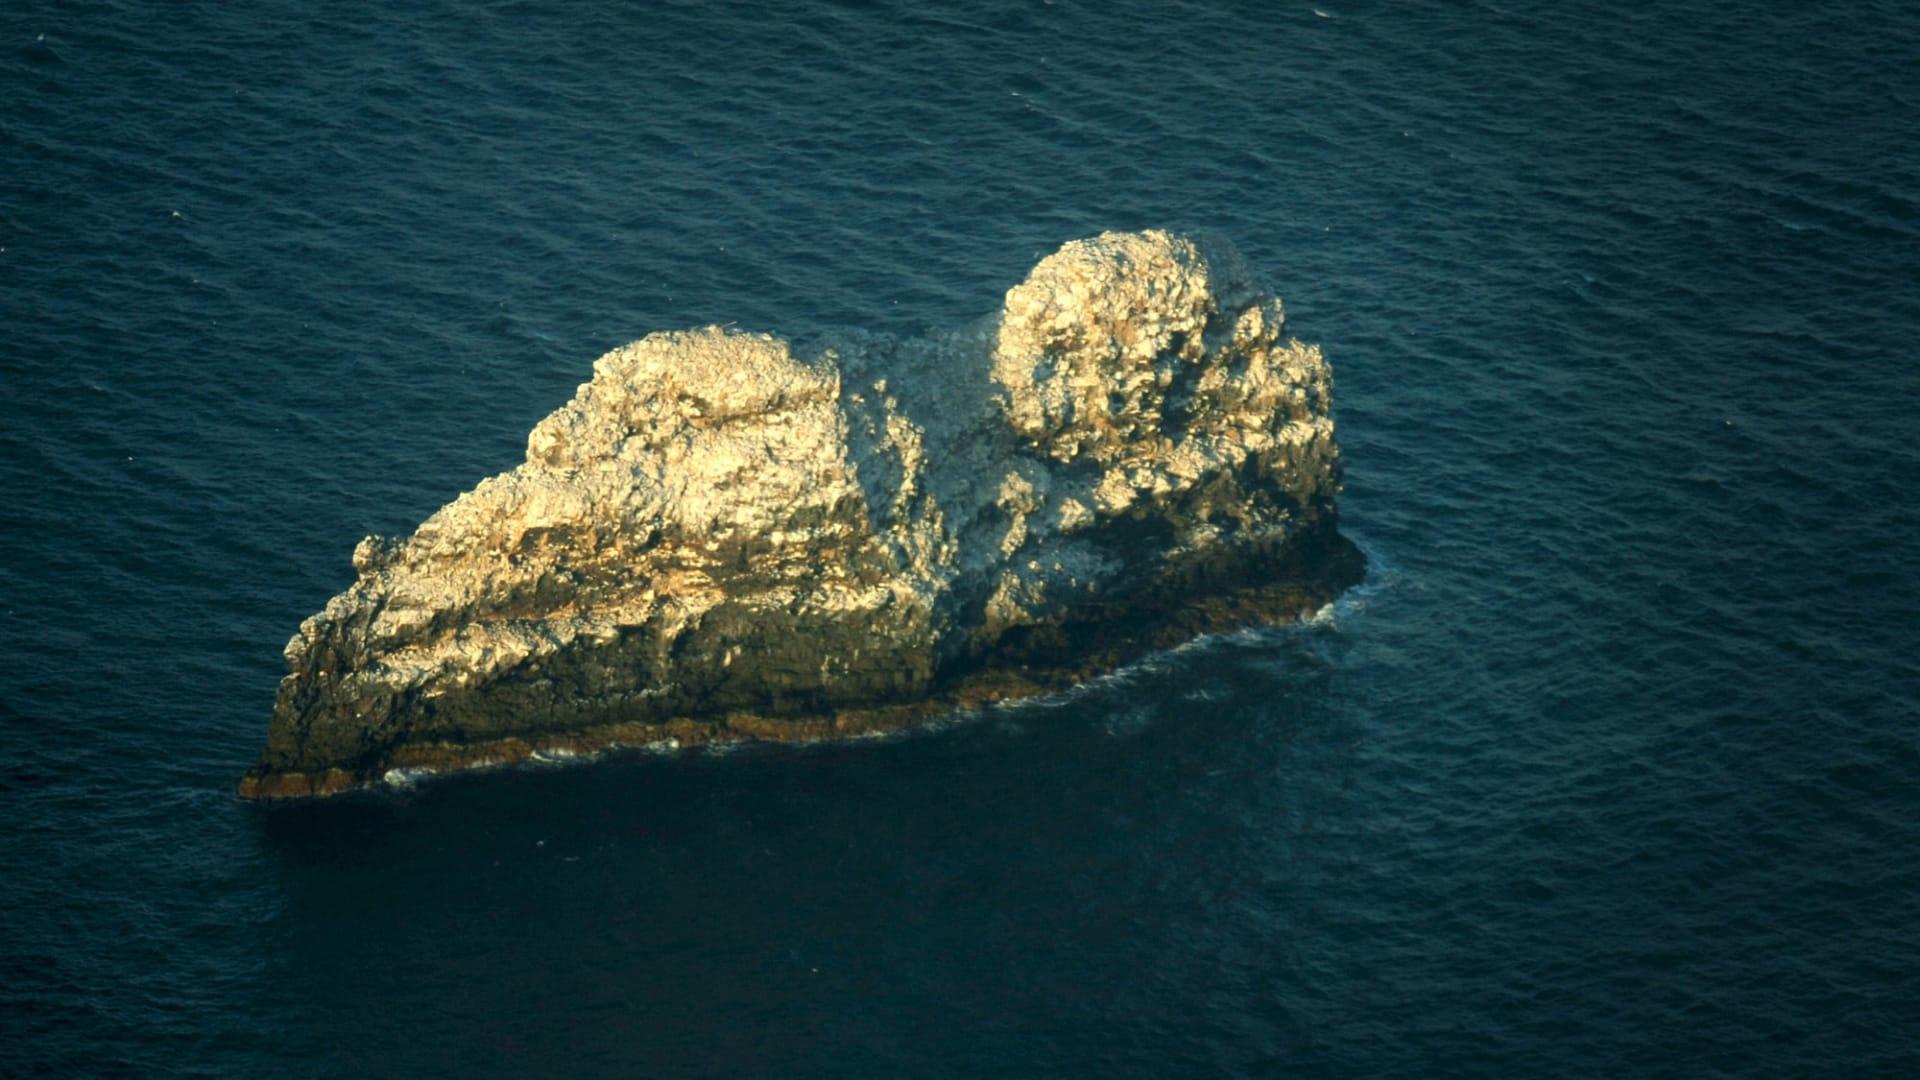 أسفل قمتين صخريتين في هاواي.. هنا يقع أكبر بركان في العالم